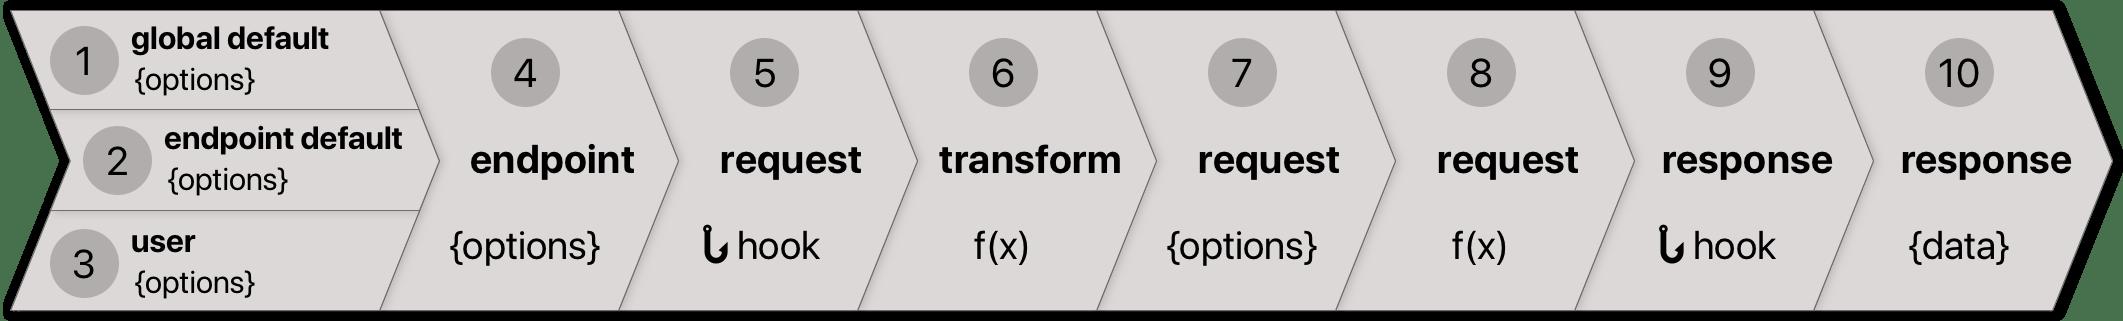 От 48k до 10 строк кода — история GitHub JavaScript SDK — IT-МИР. ПОМОЩЬ В IT-МИРЕ 2020